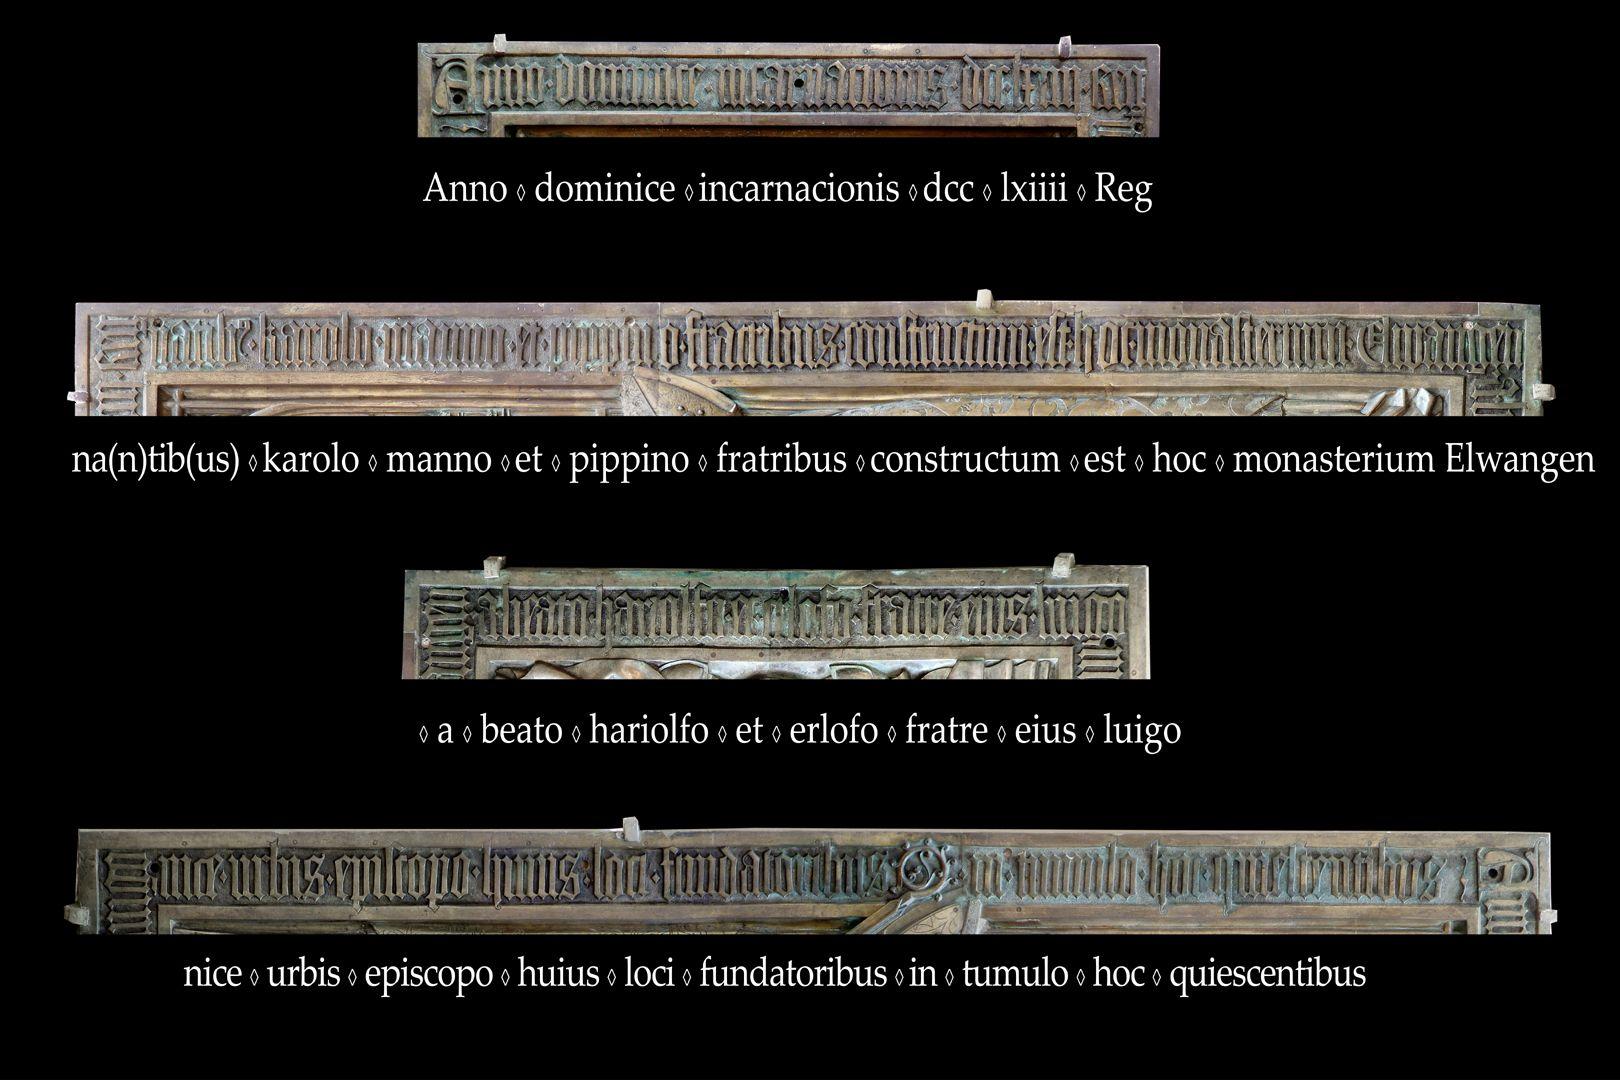 Memorial panel for Hariolf and Erlolf Im Jahr der Menschwerdung des Herrn 764 als die Brüder Karlmann und Pippin regierten, wurde dieses Kloster Ellw. von den Gründern dieses Ortes, dem selig. Hariolf und seinem Bruder Erlolf, dem Bischof der Stadt Langres, errichtet. Sie ruhen in diesem Grab